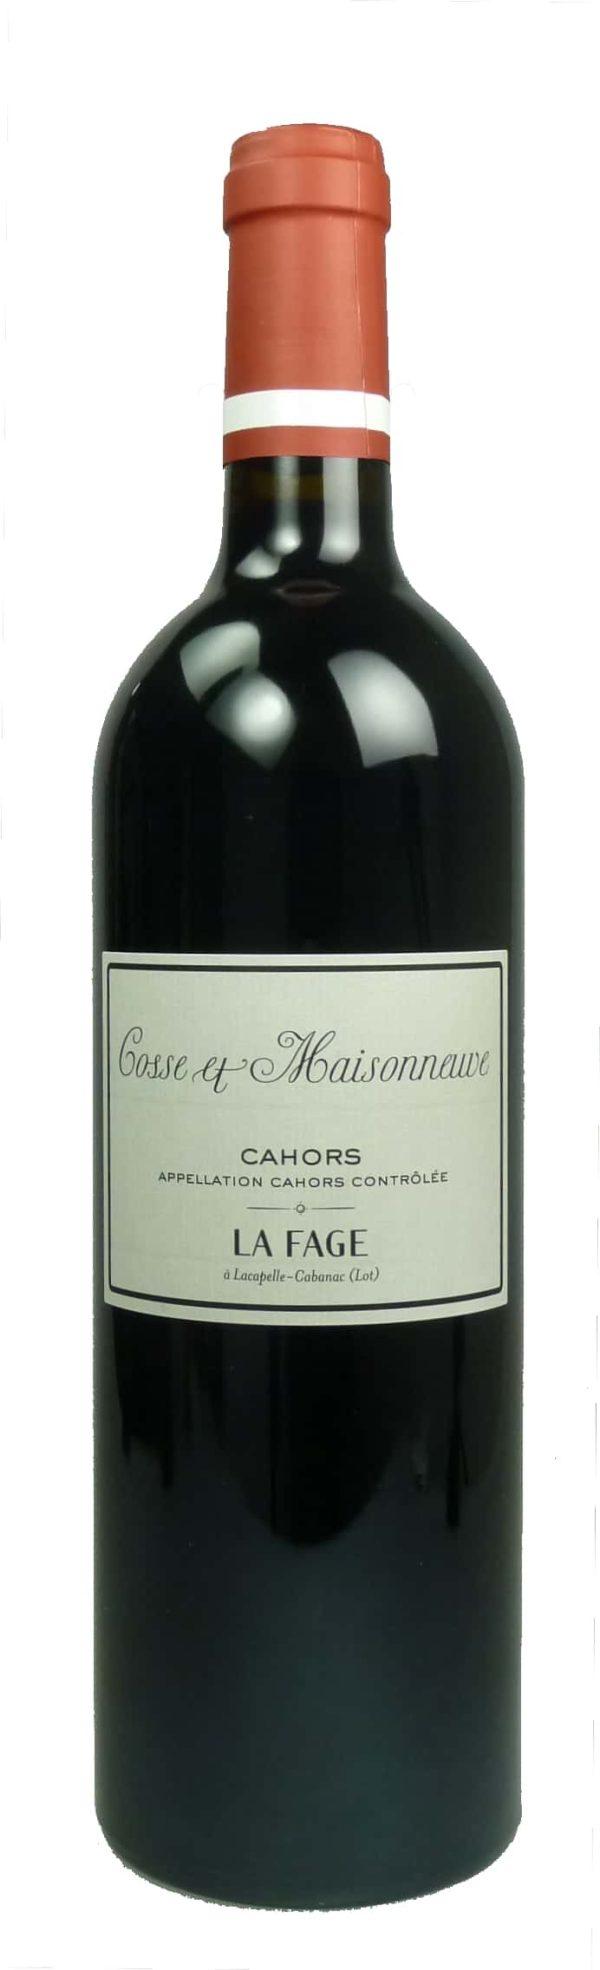 La Fage Cahors 2015